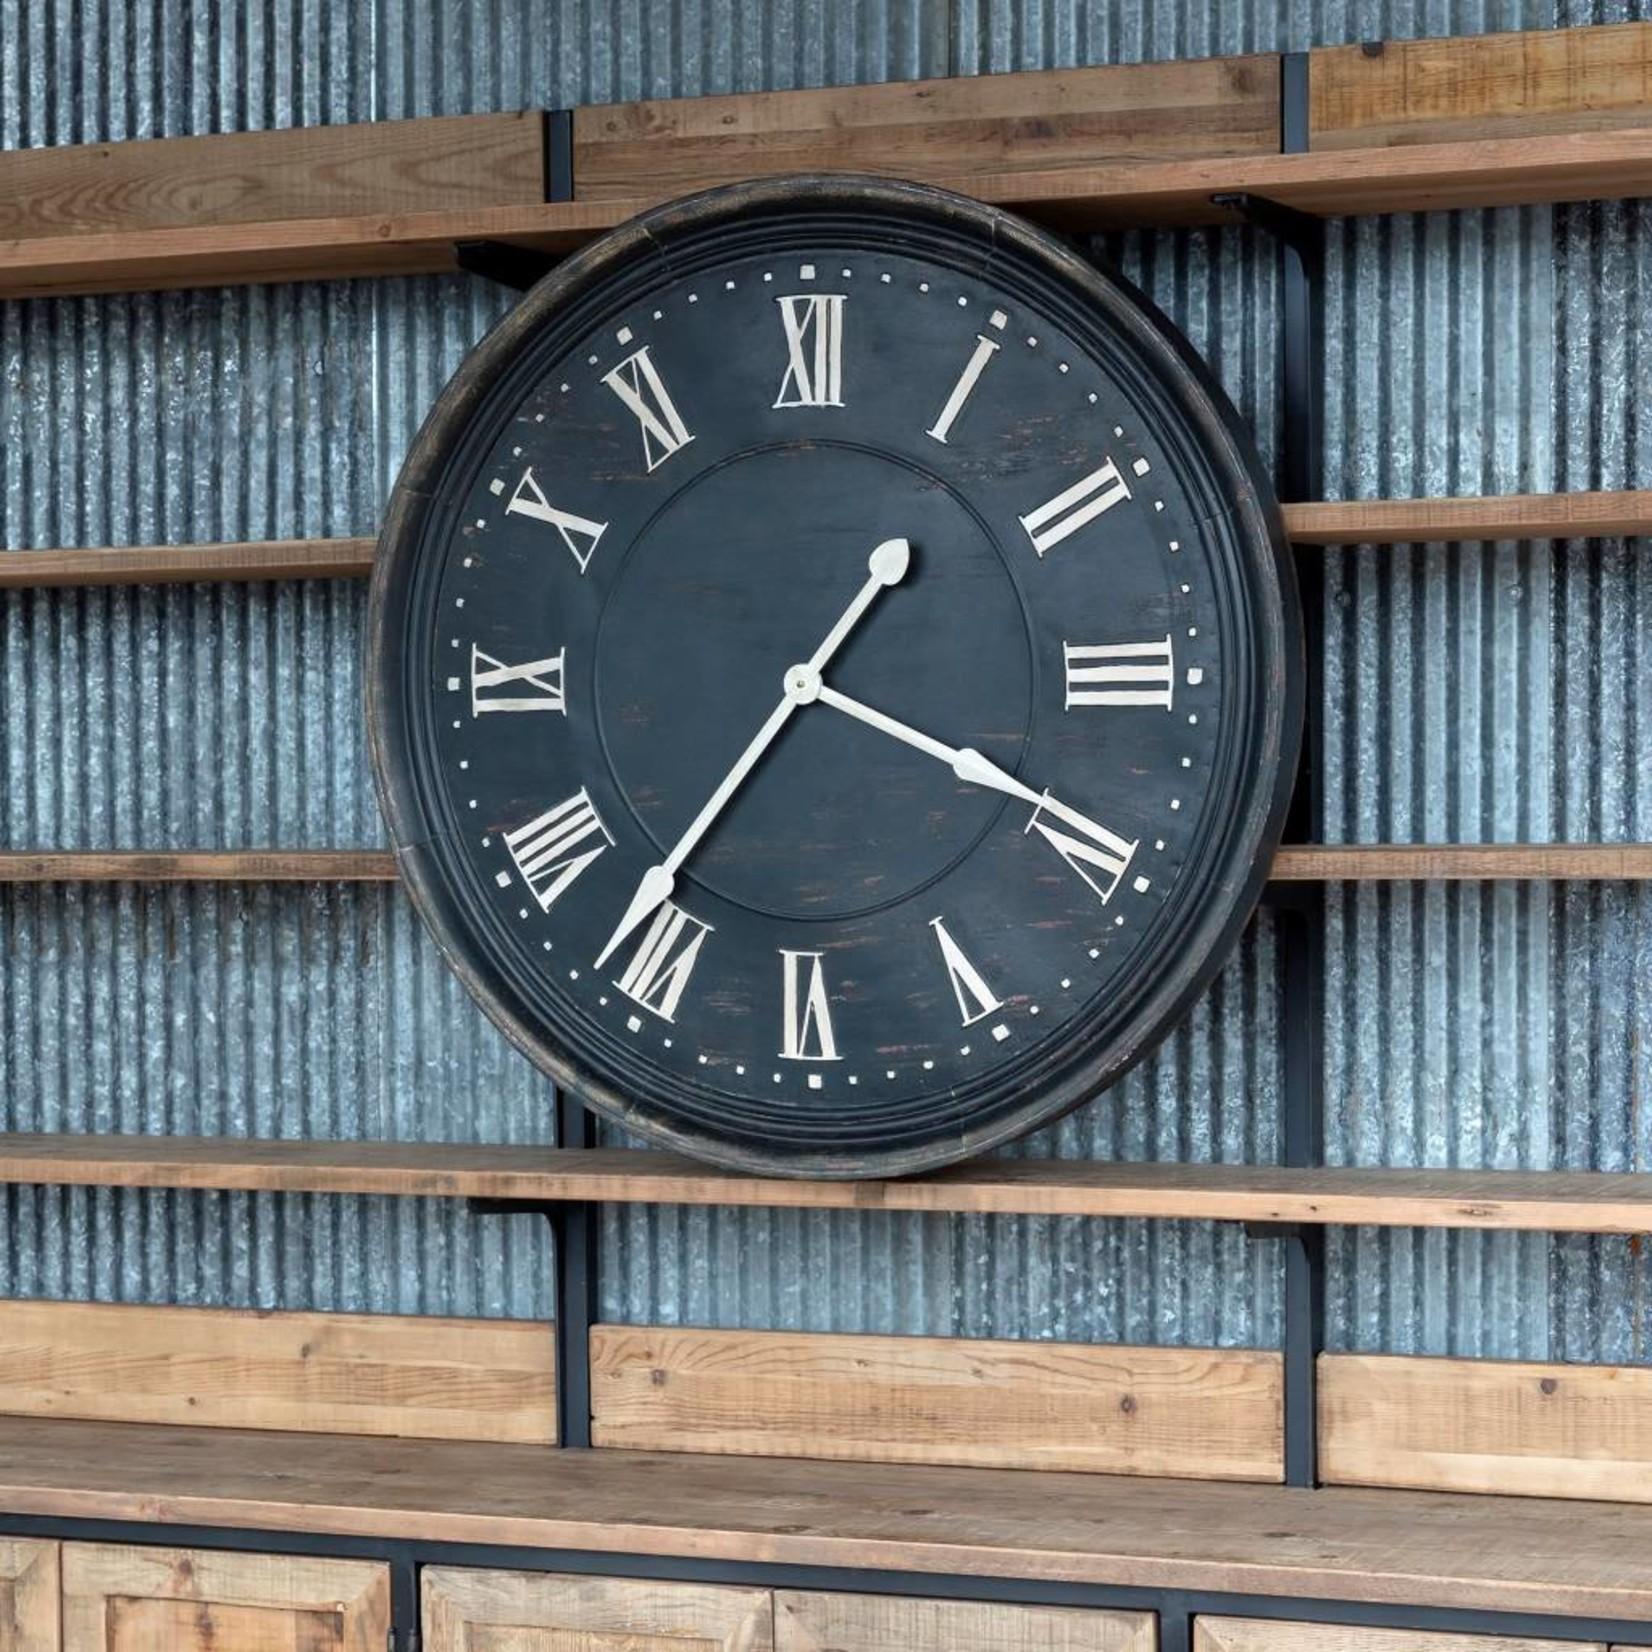 Aged Metal Bank Clock